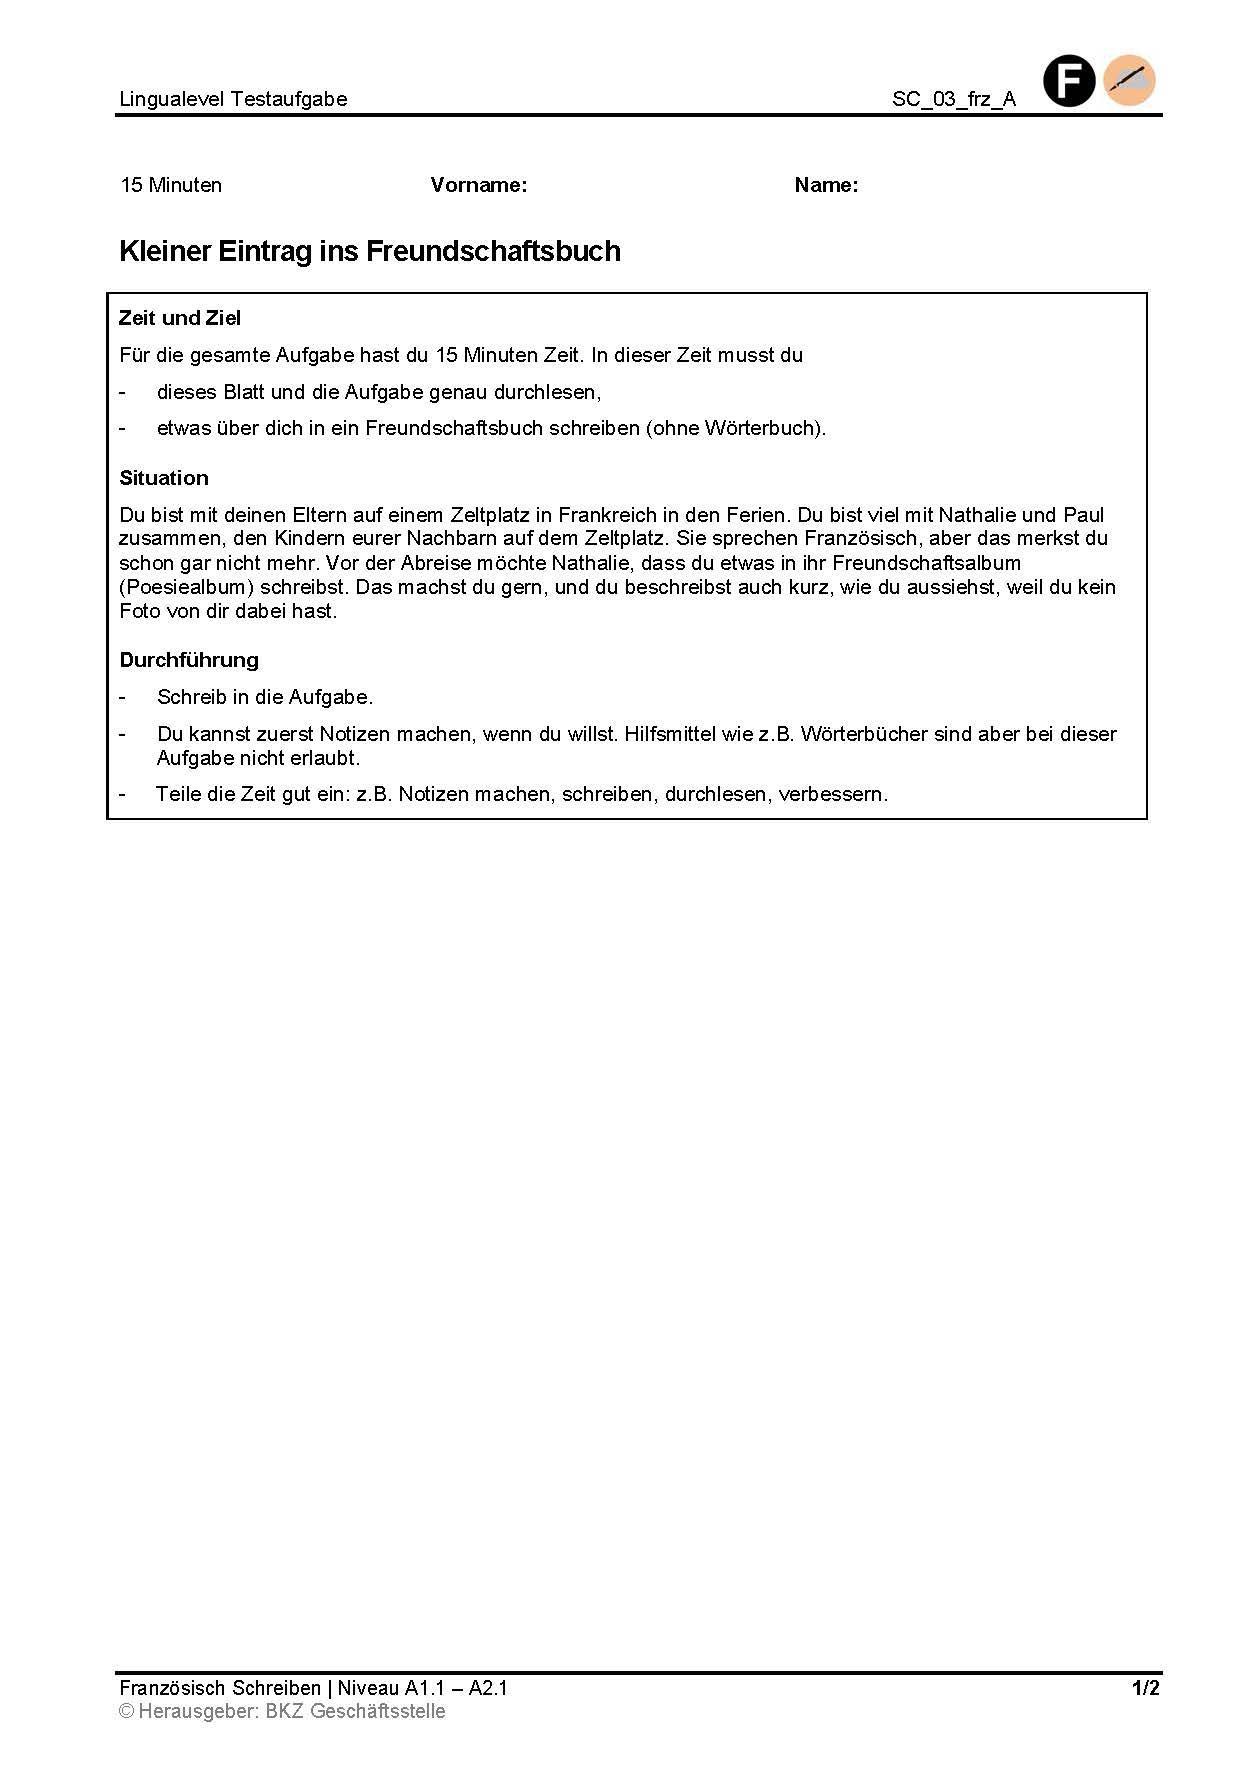 Preview image for LOM object Kleiner Eintrag ins Freundschaftsbuch